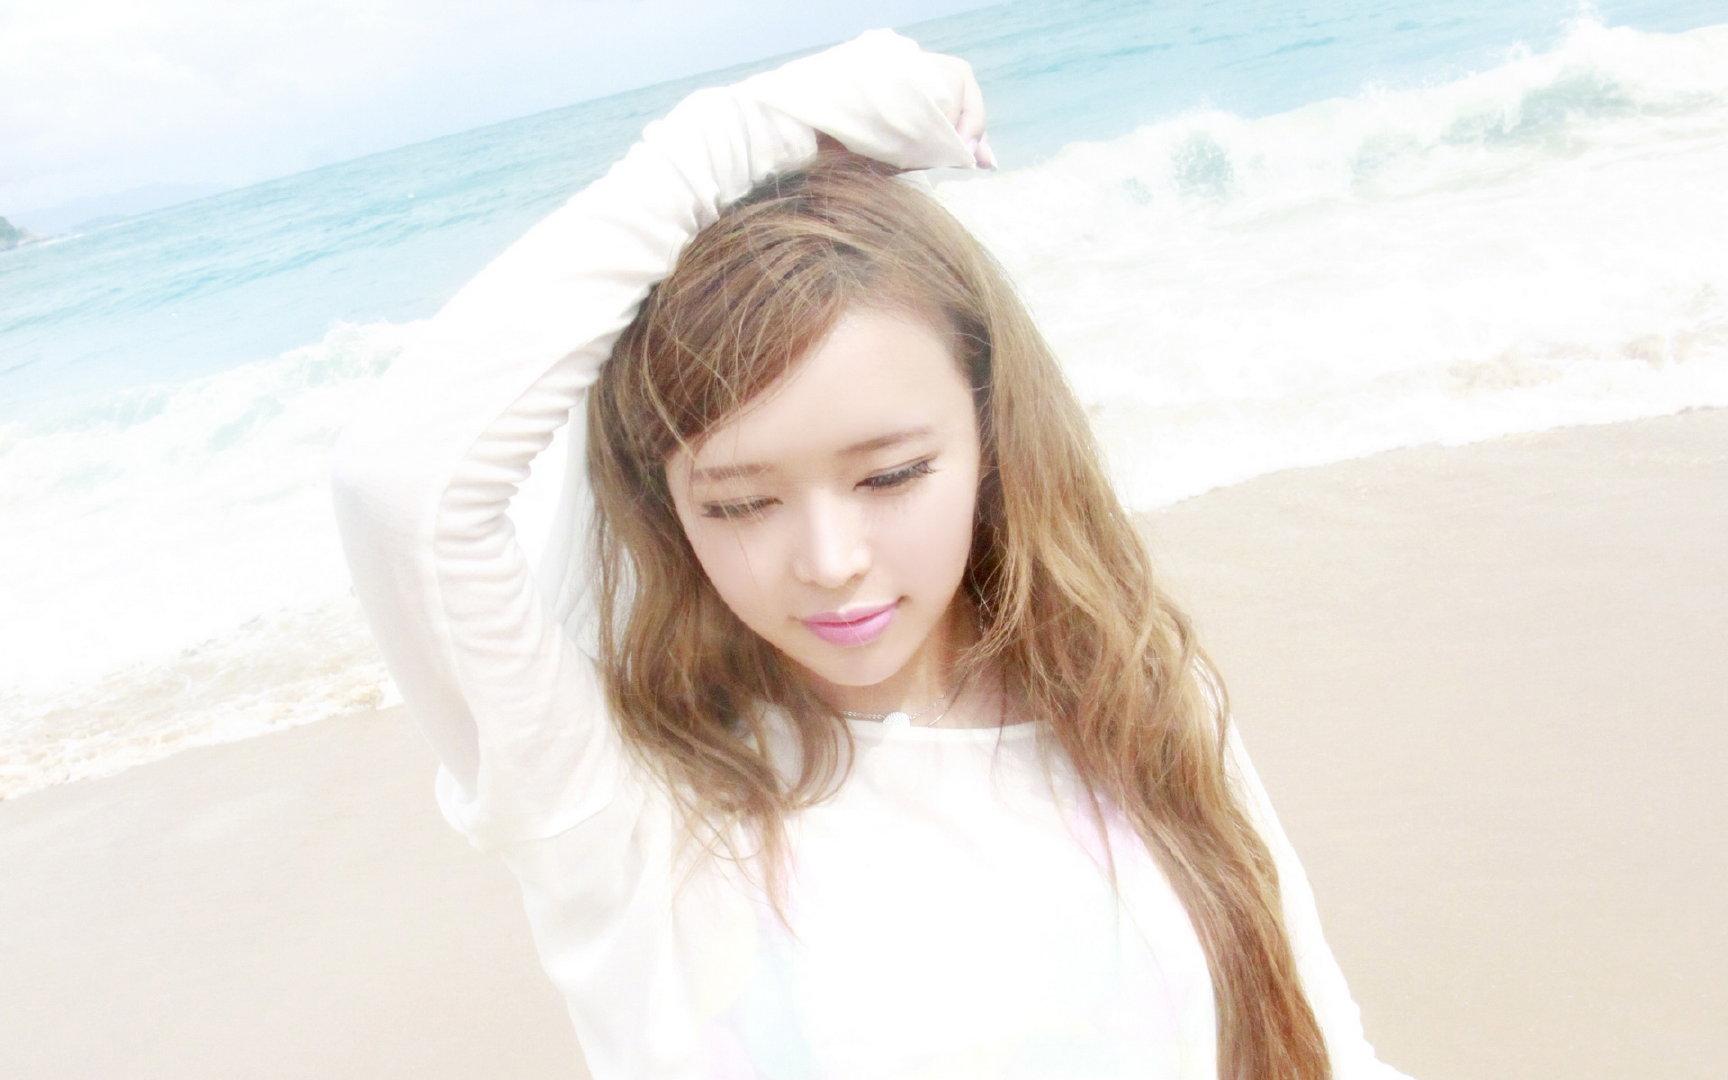 裴紫绮海滩1080P高清写真壁纸